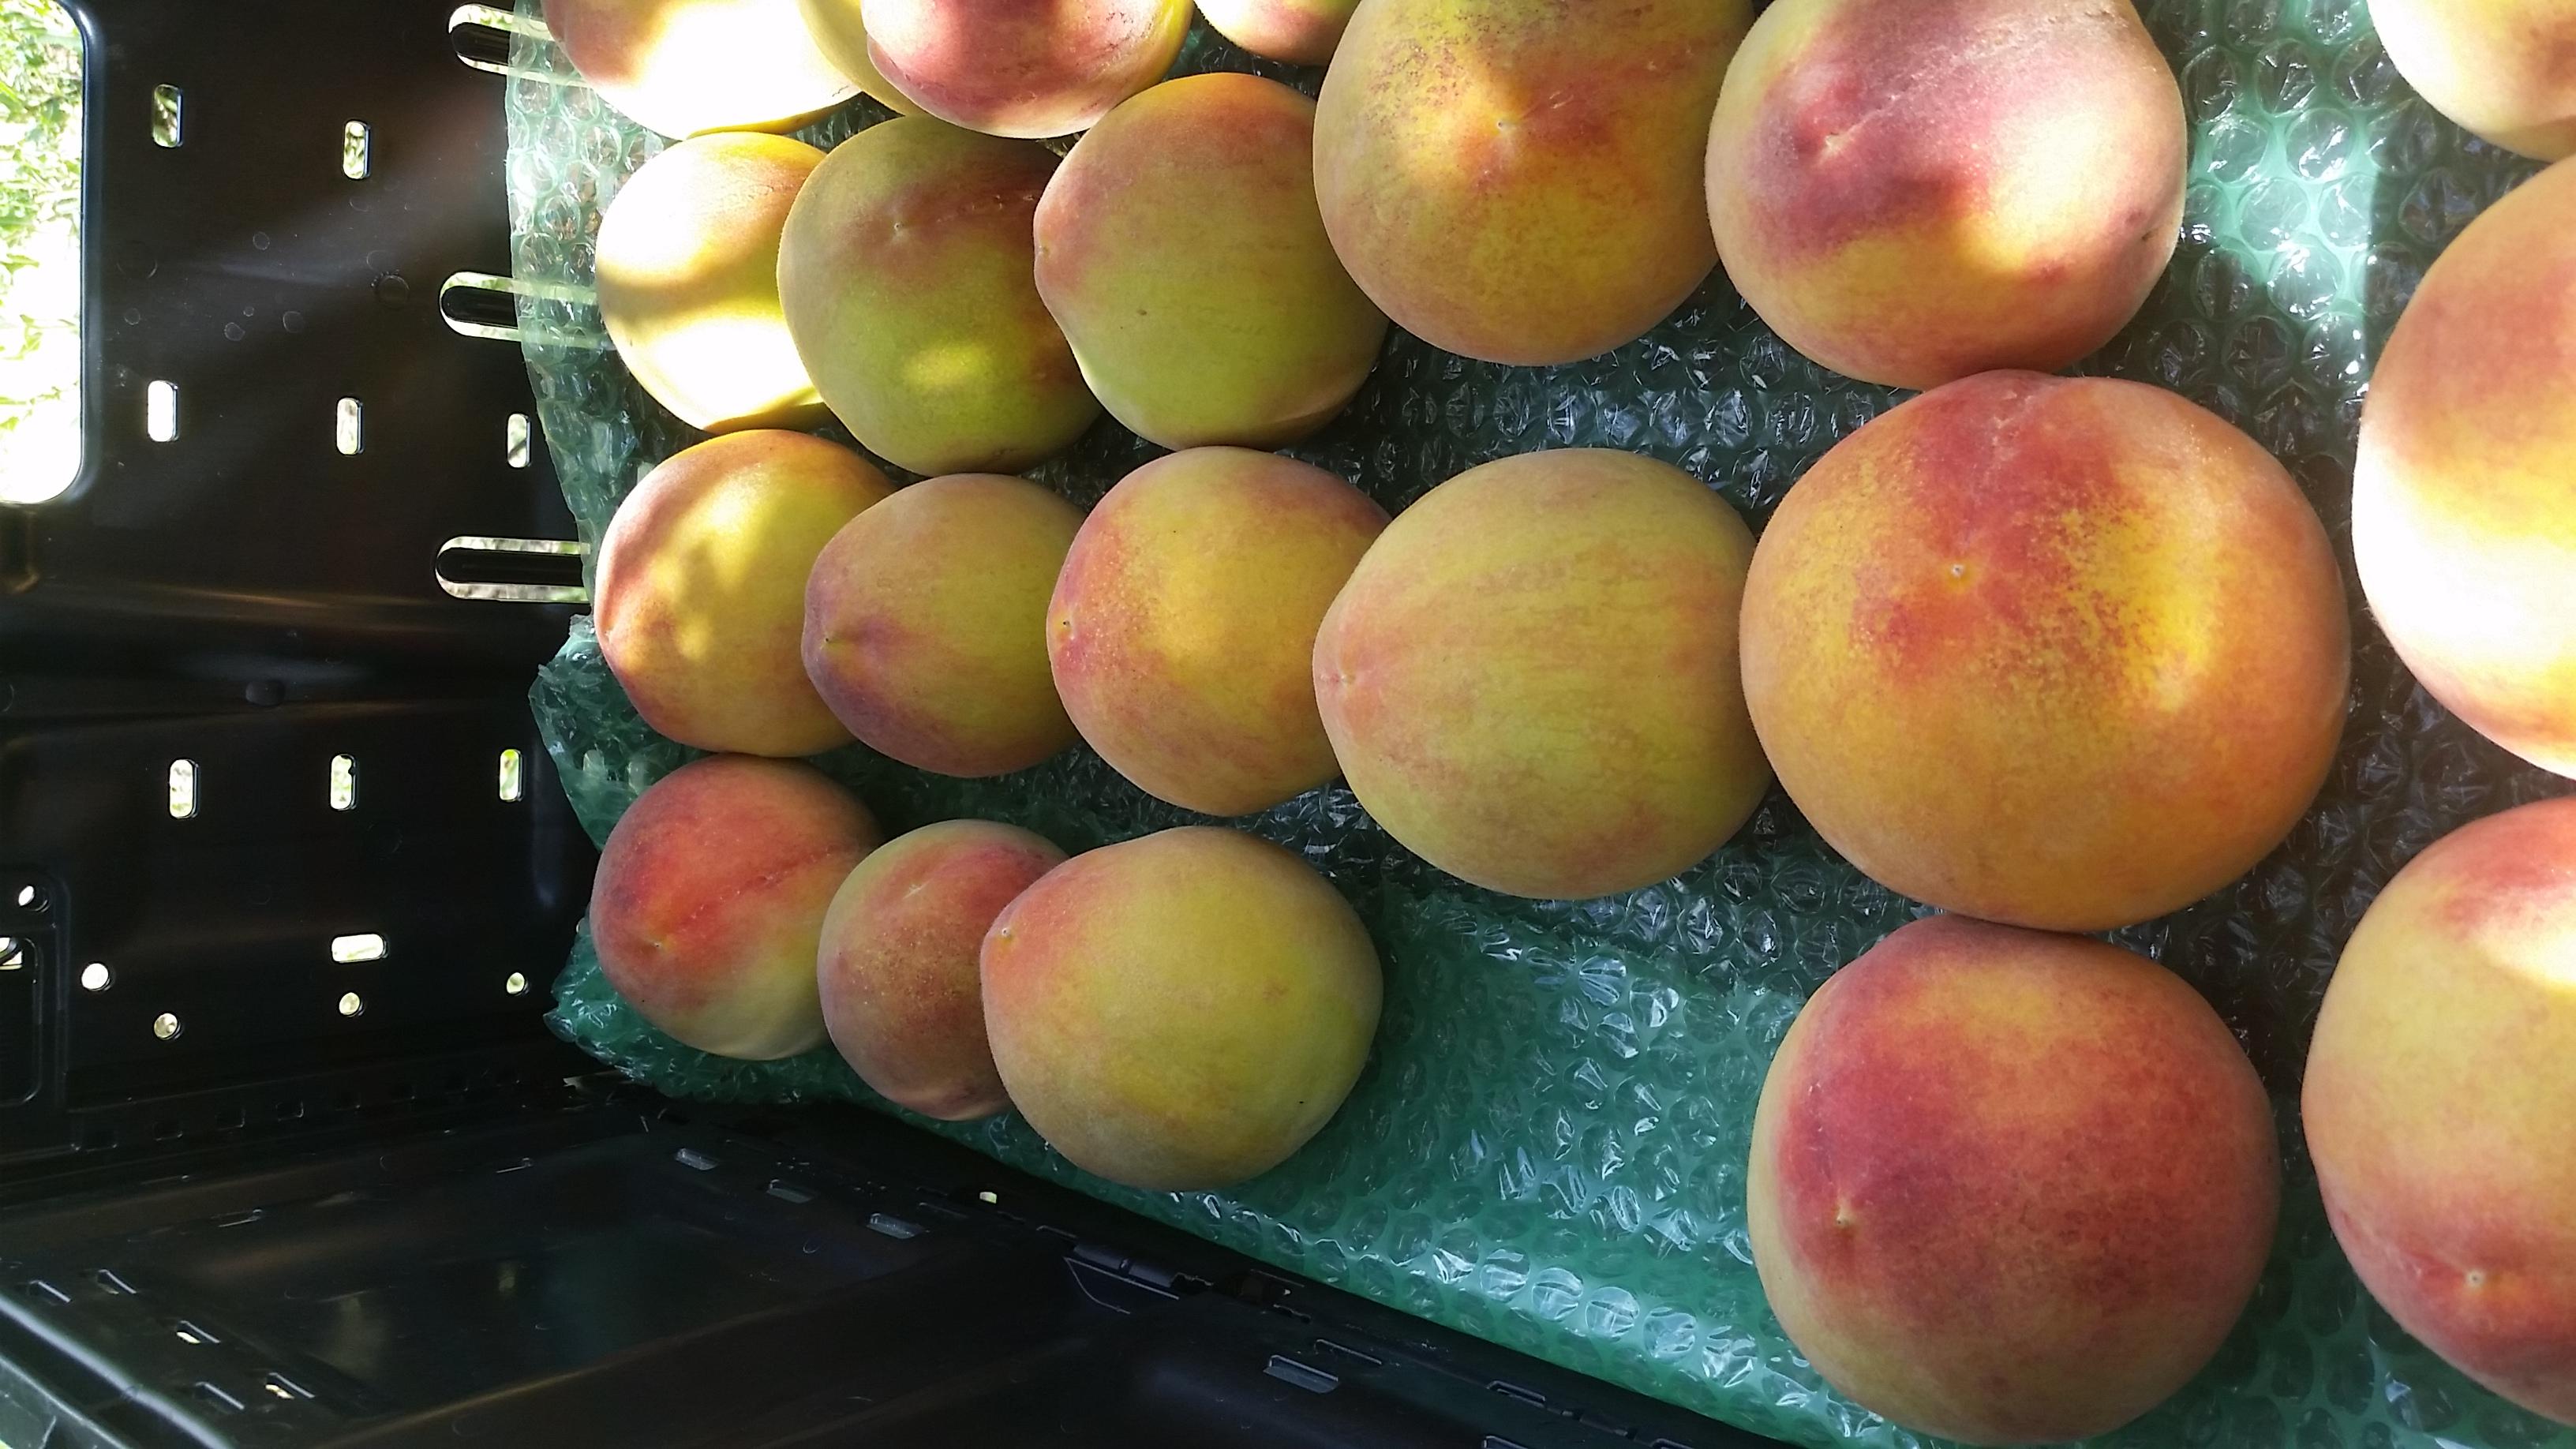 Peaches on their way to market